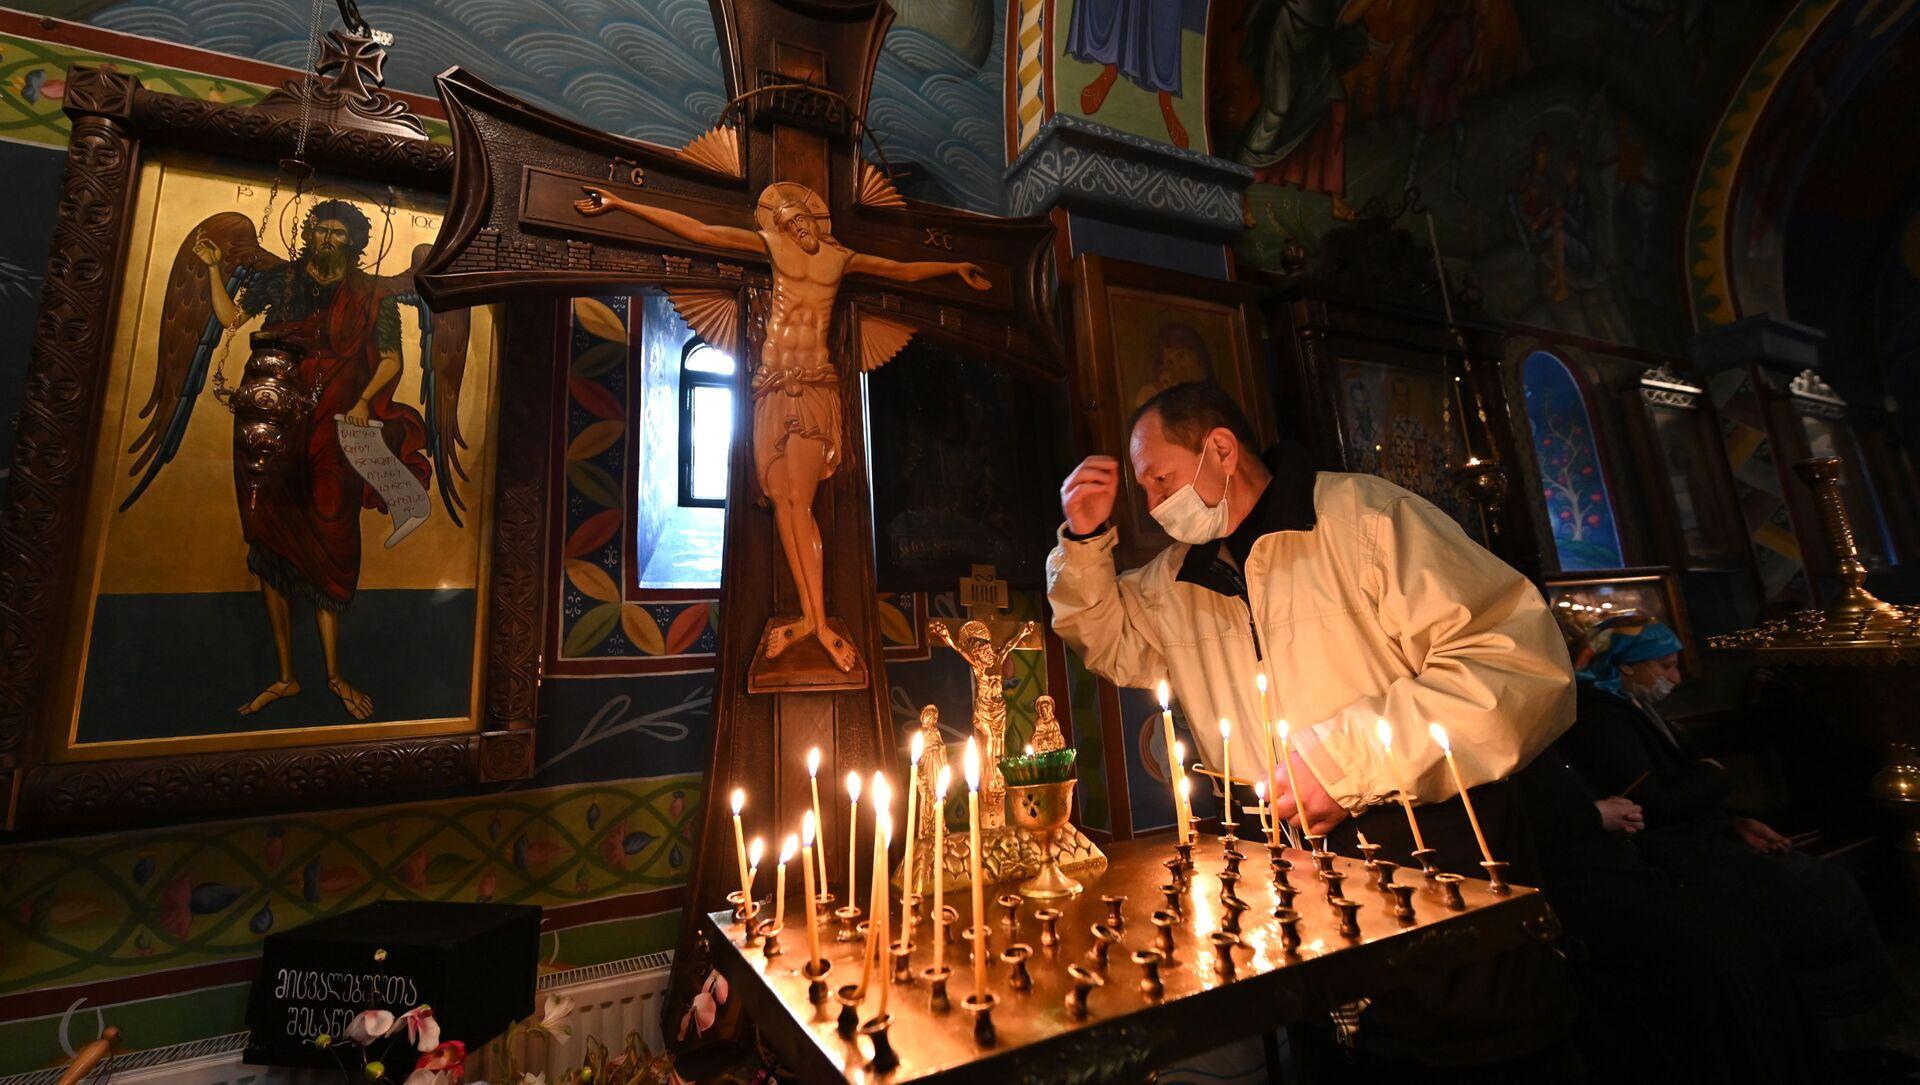 Православные верующие молятся в церкви на празднике Благовещения - Sputnik Грузия, 1920, 20.04.2021